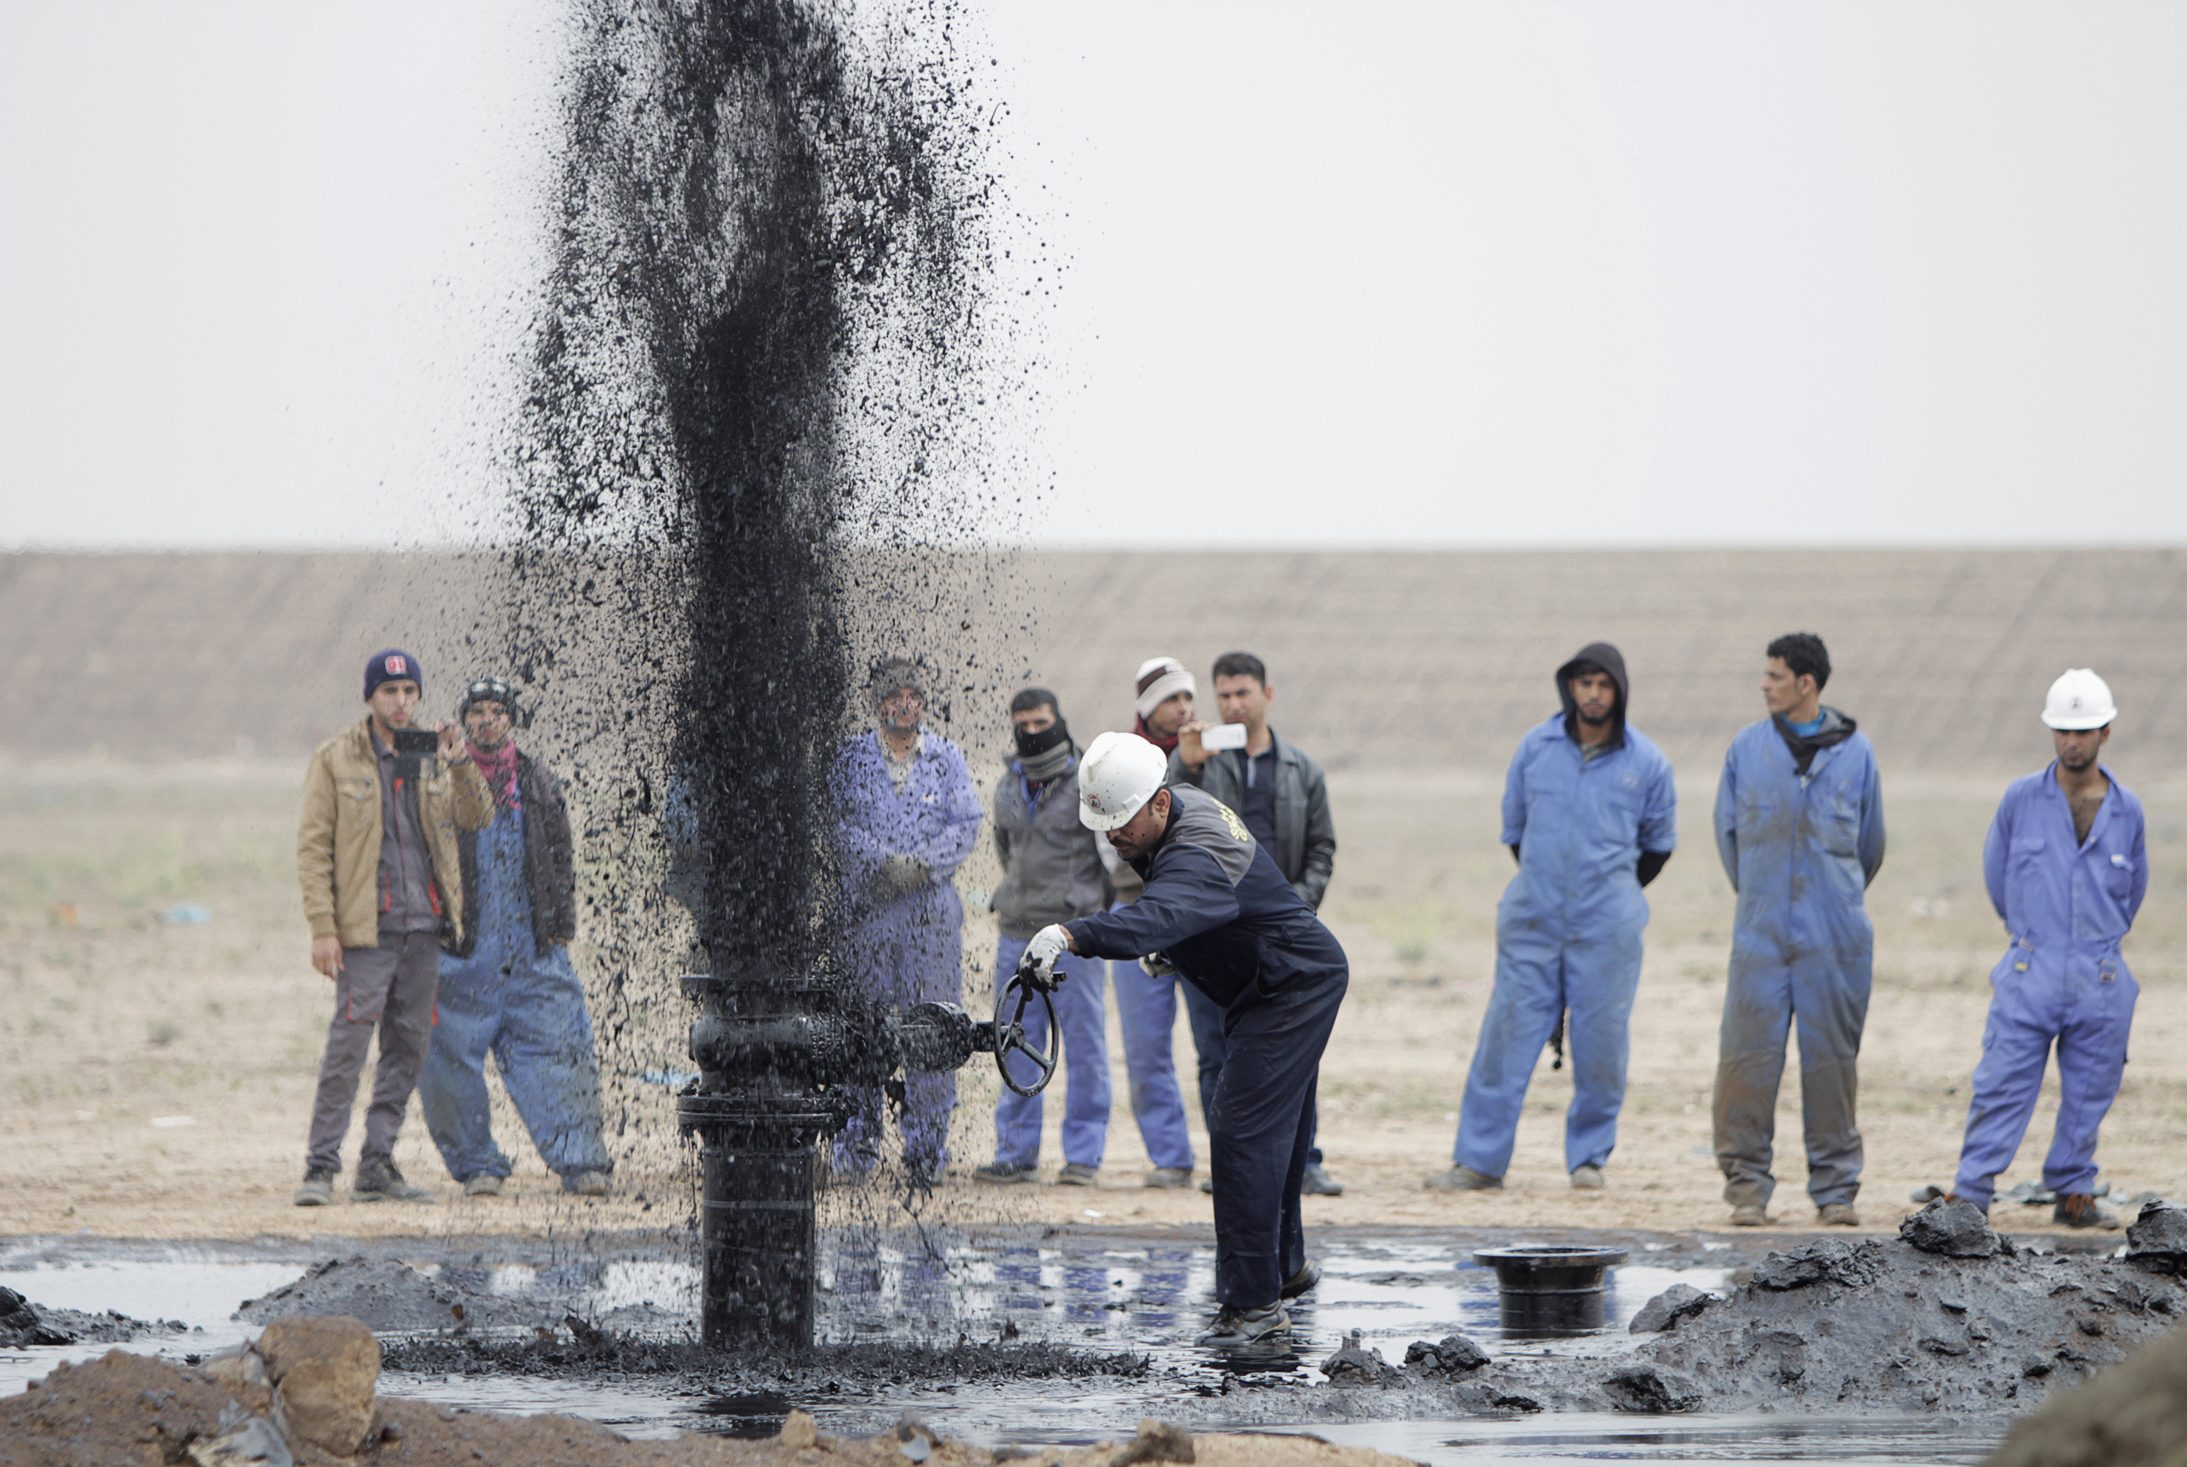 ¿Es válida la relación ente el consumo de pollo y las importaciones de petróleo?